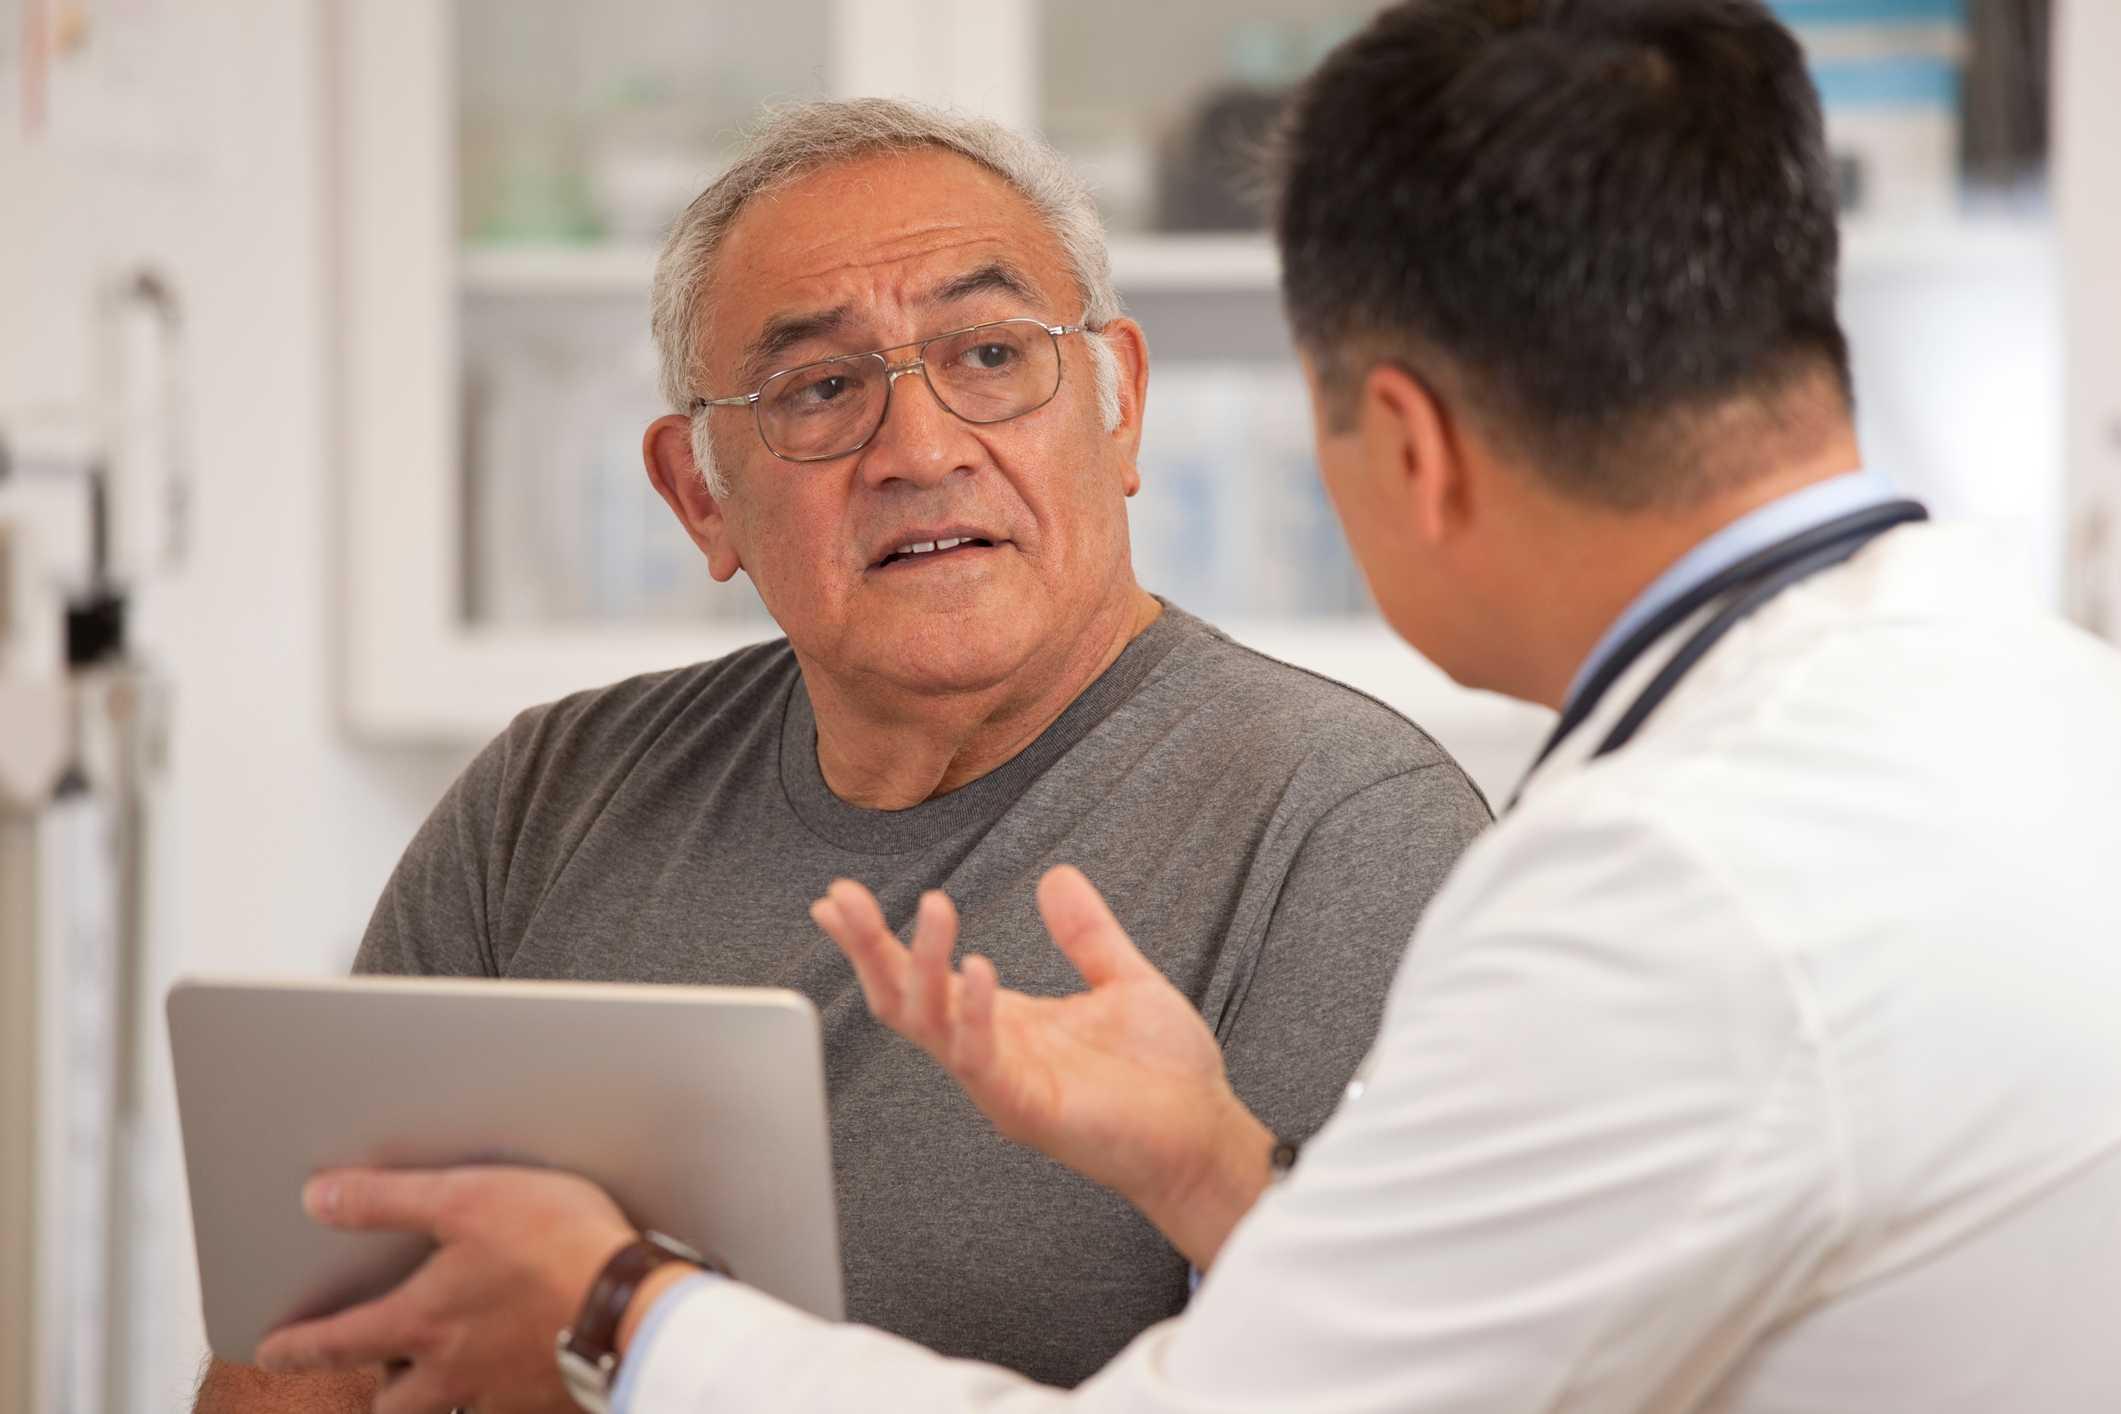 receita médica digital